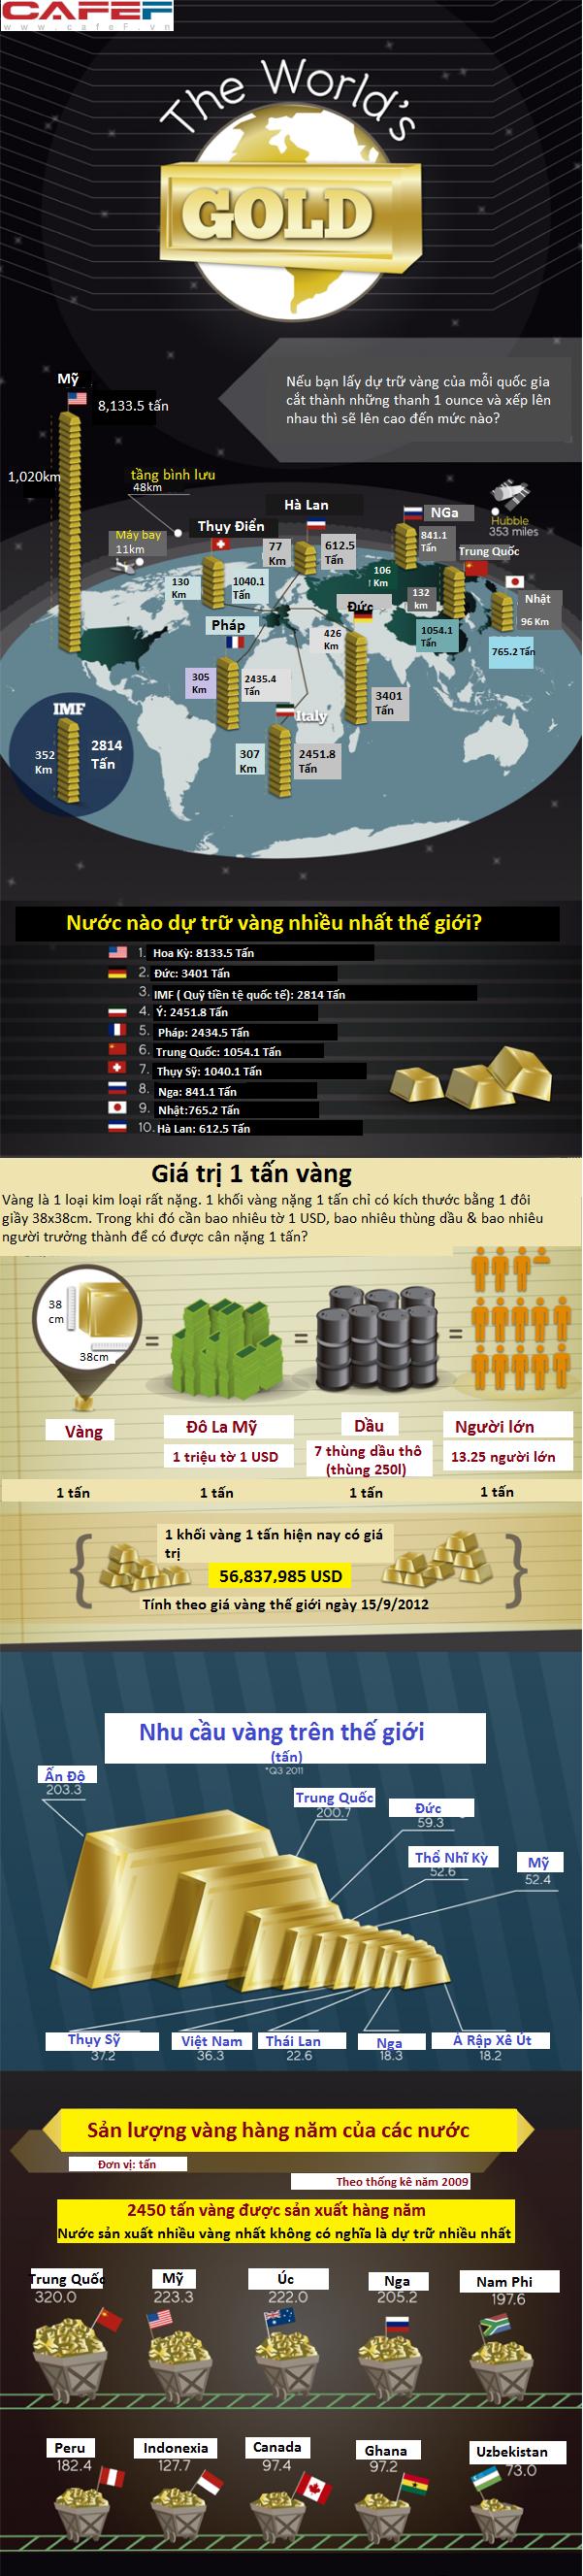 [Infographic] Cung cầu vàng thế giới hiện nay ra sao? (1)